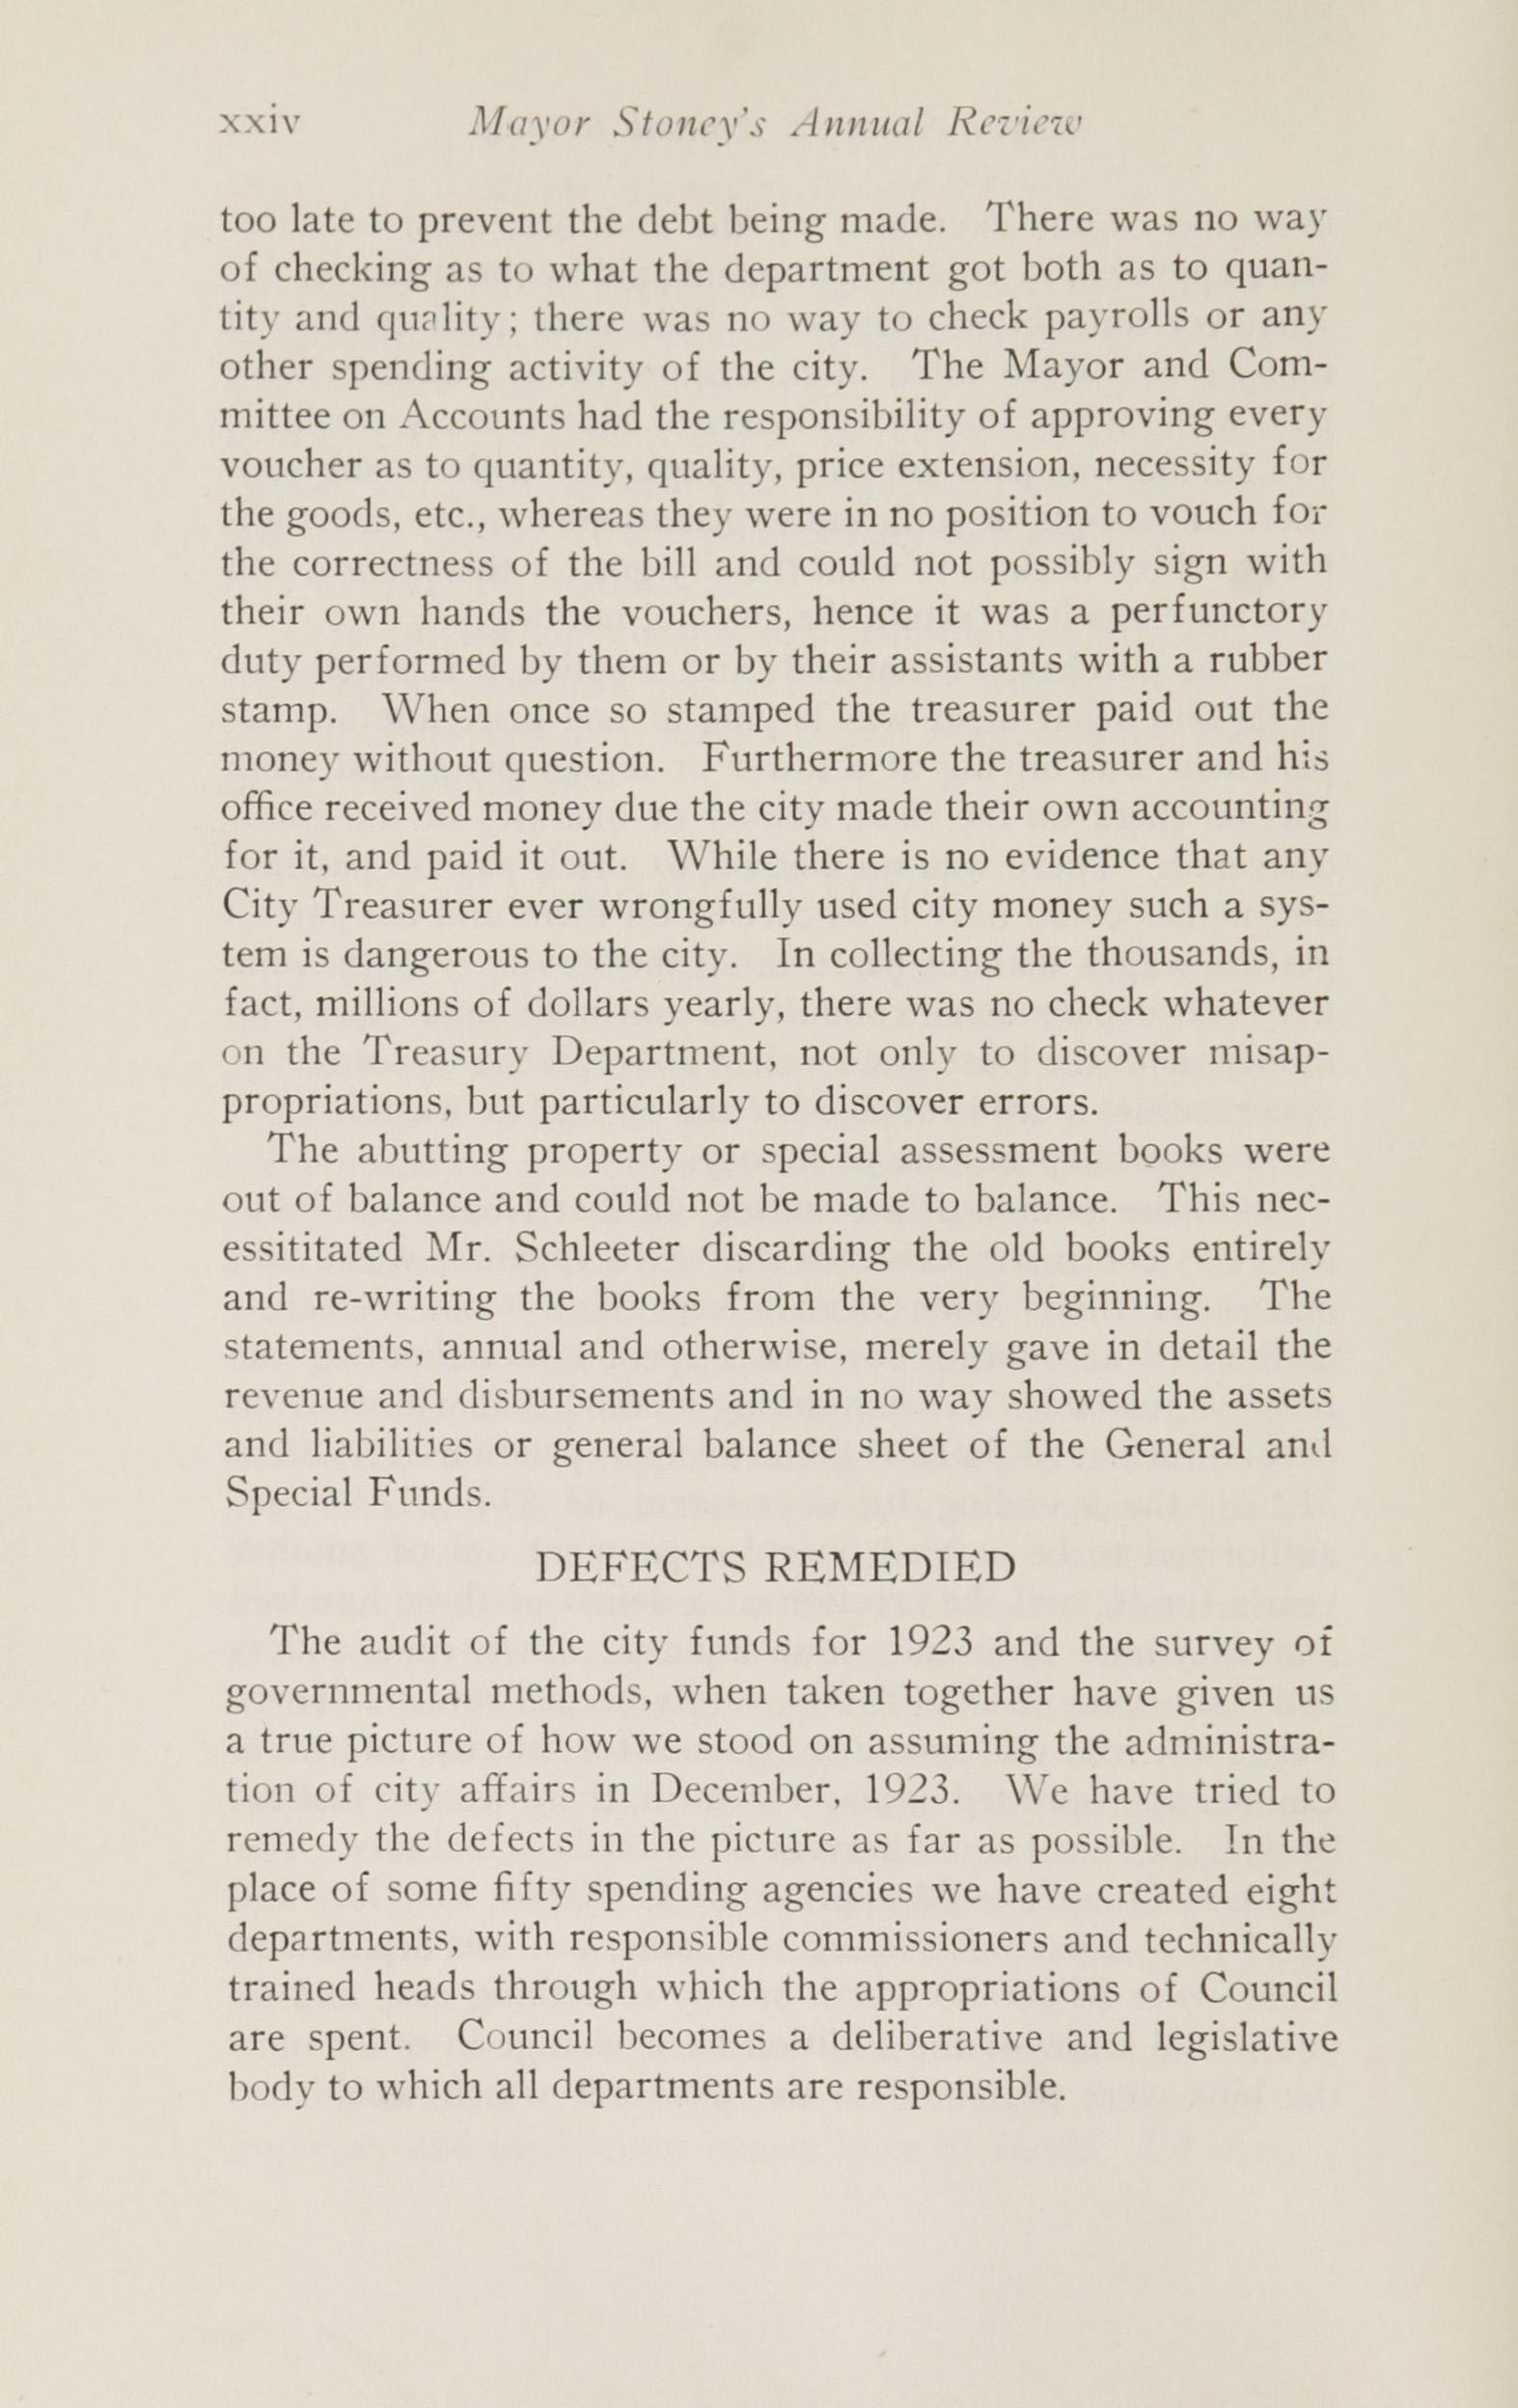 Charleston Yearbook, 1924, page xxiv